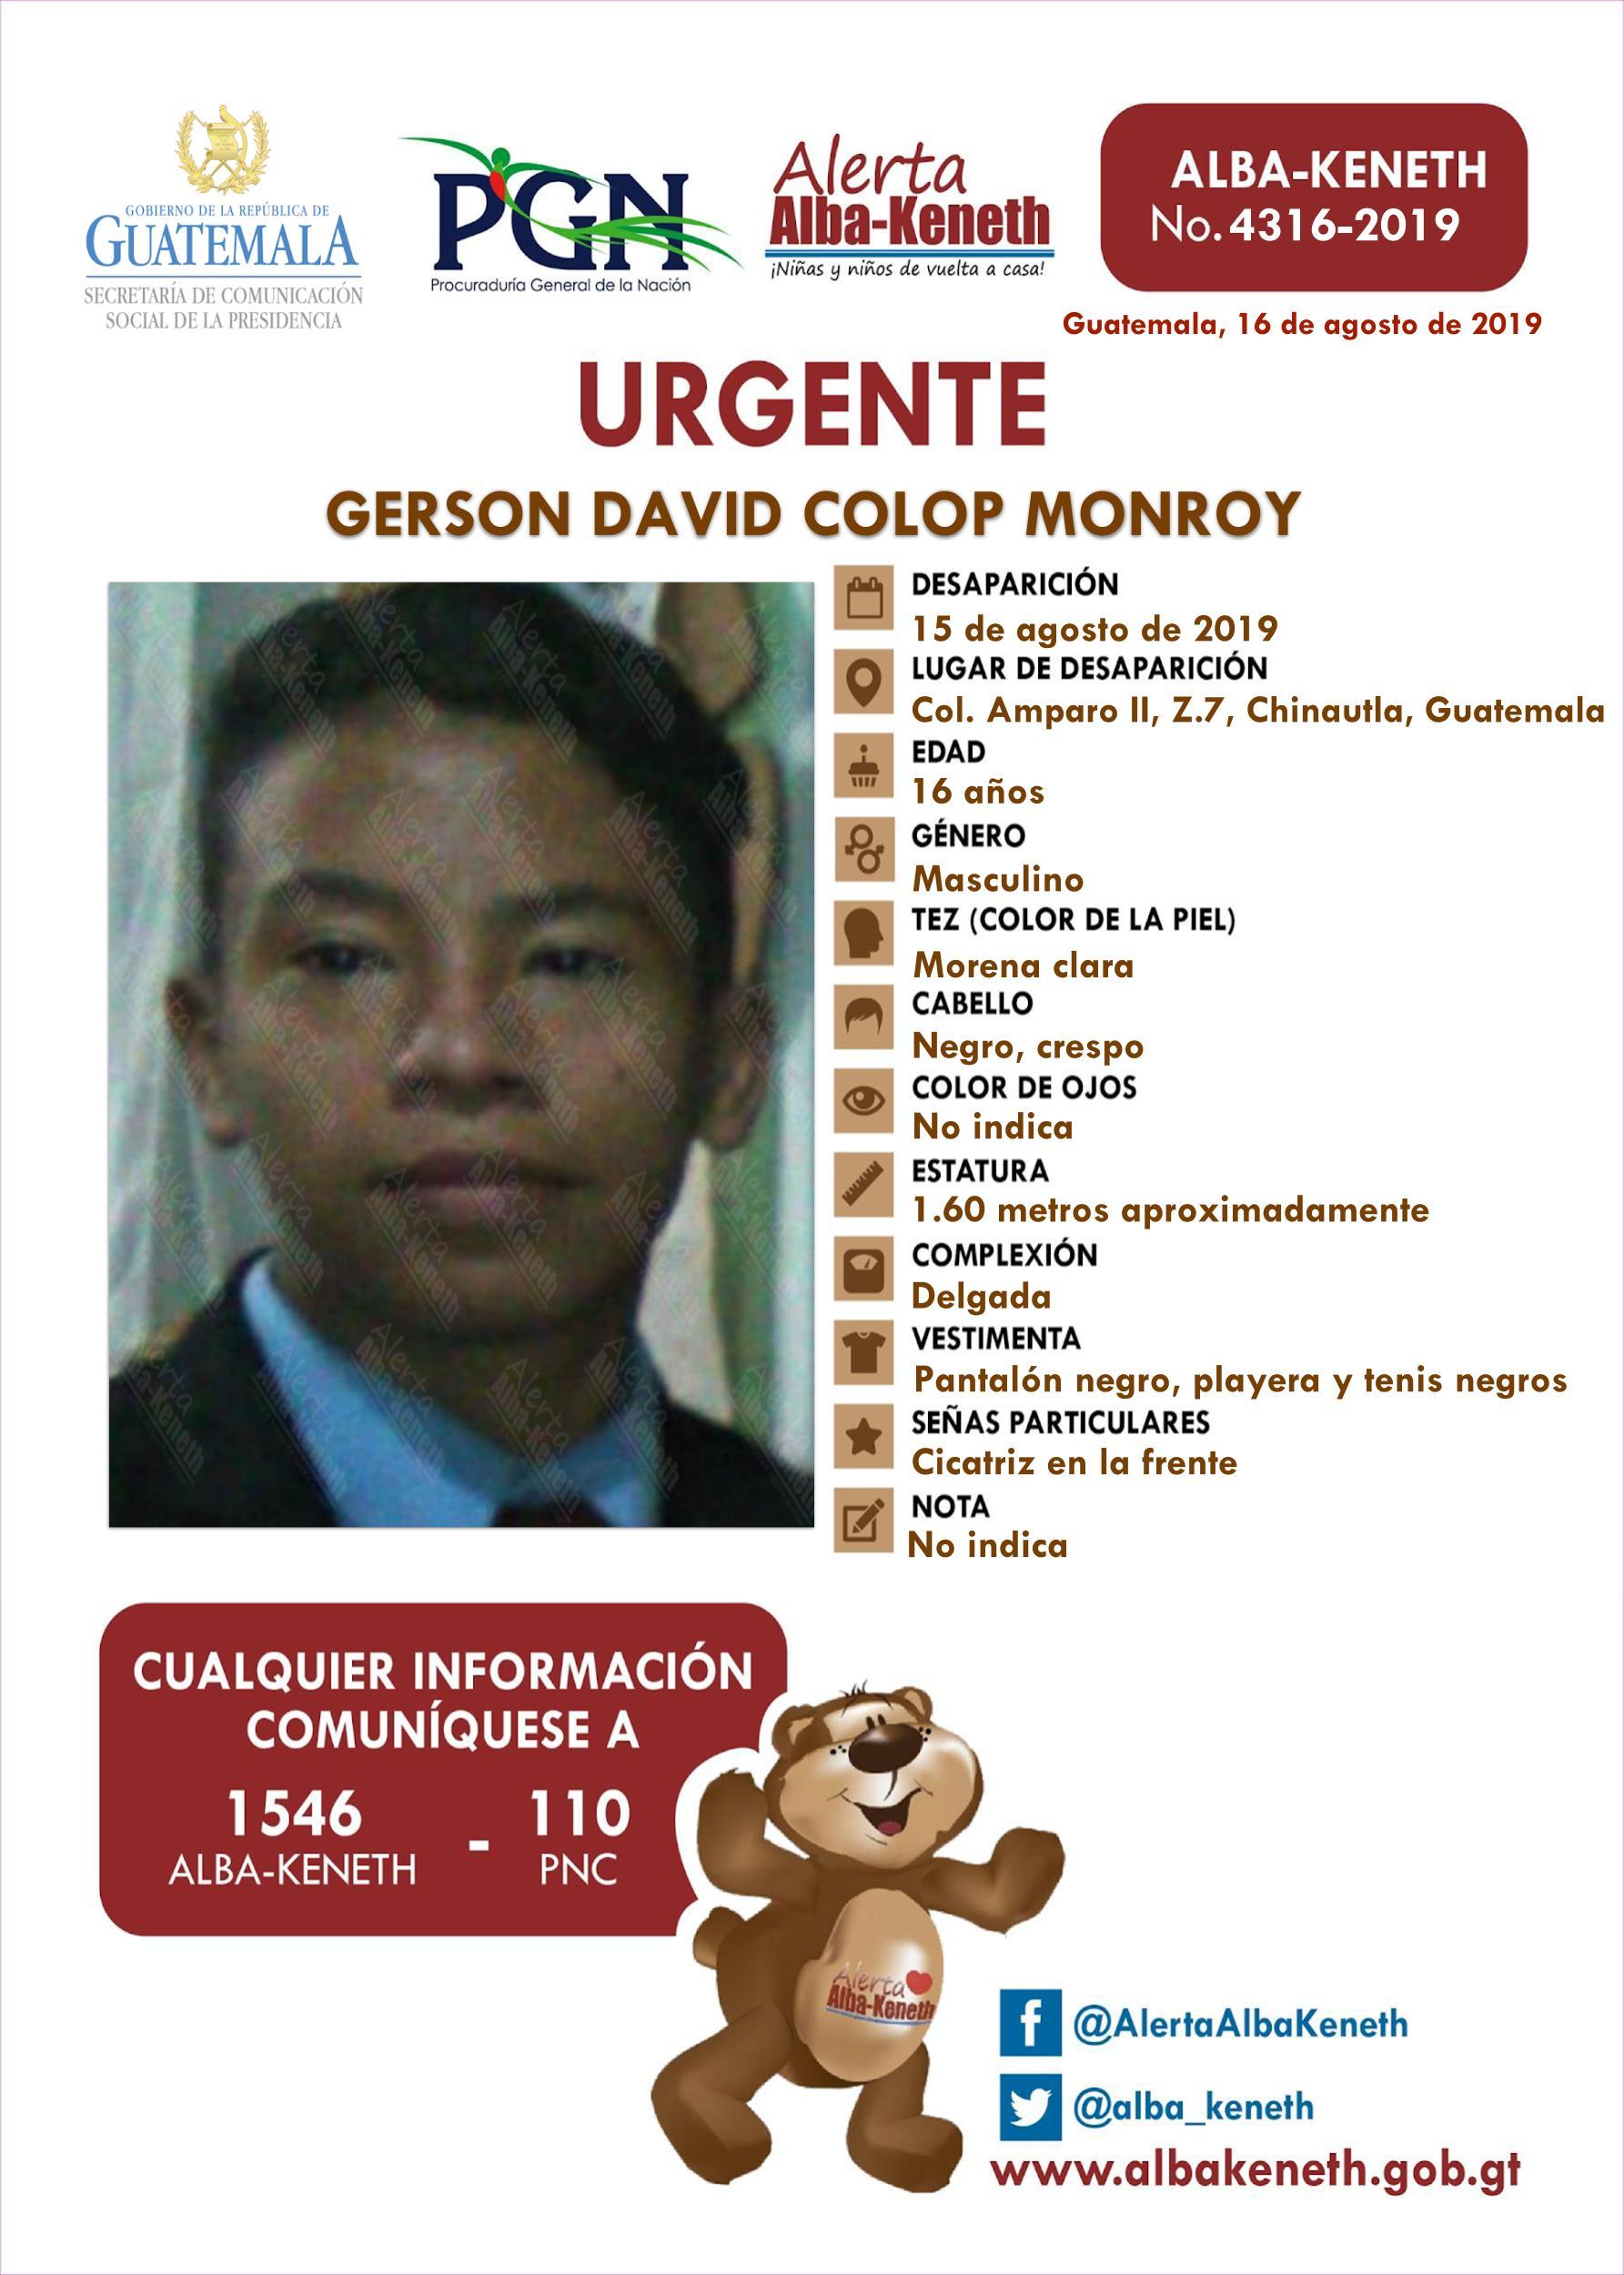 Gerson David Colop Monroy